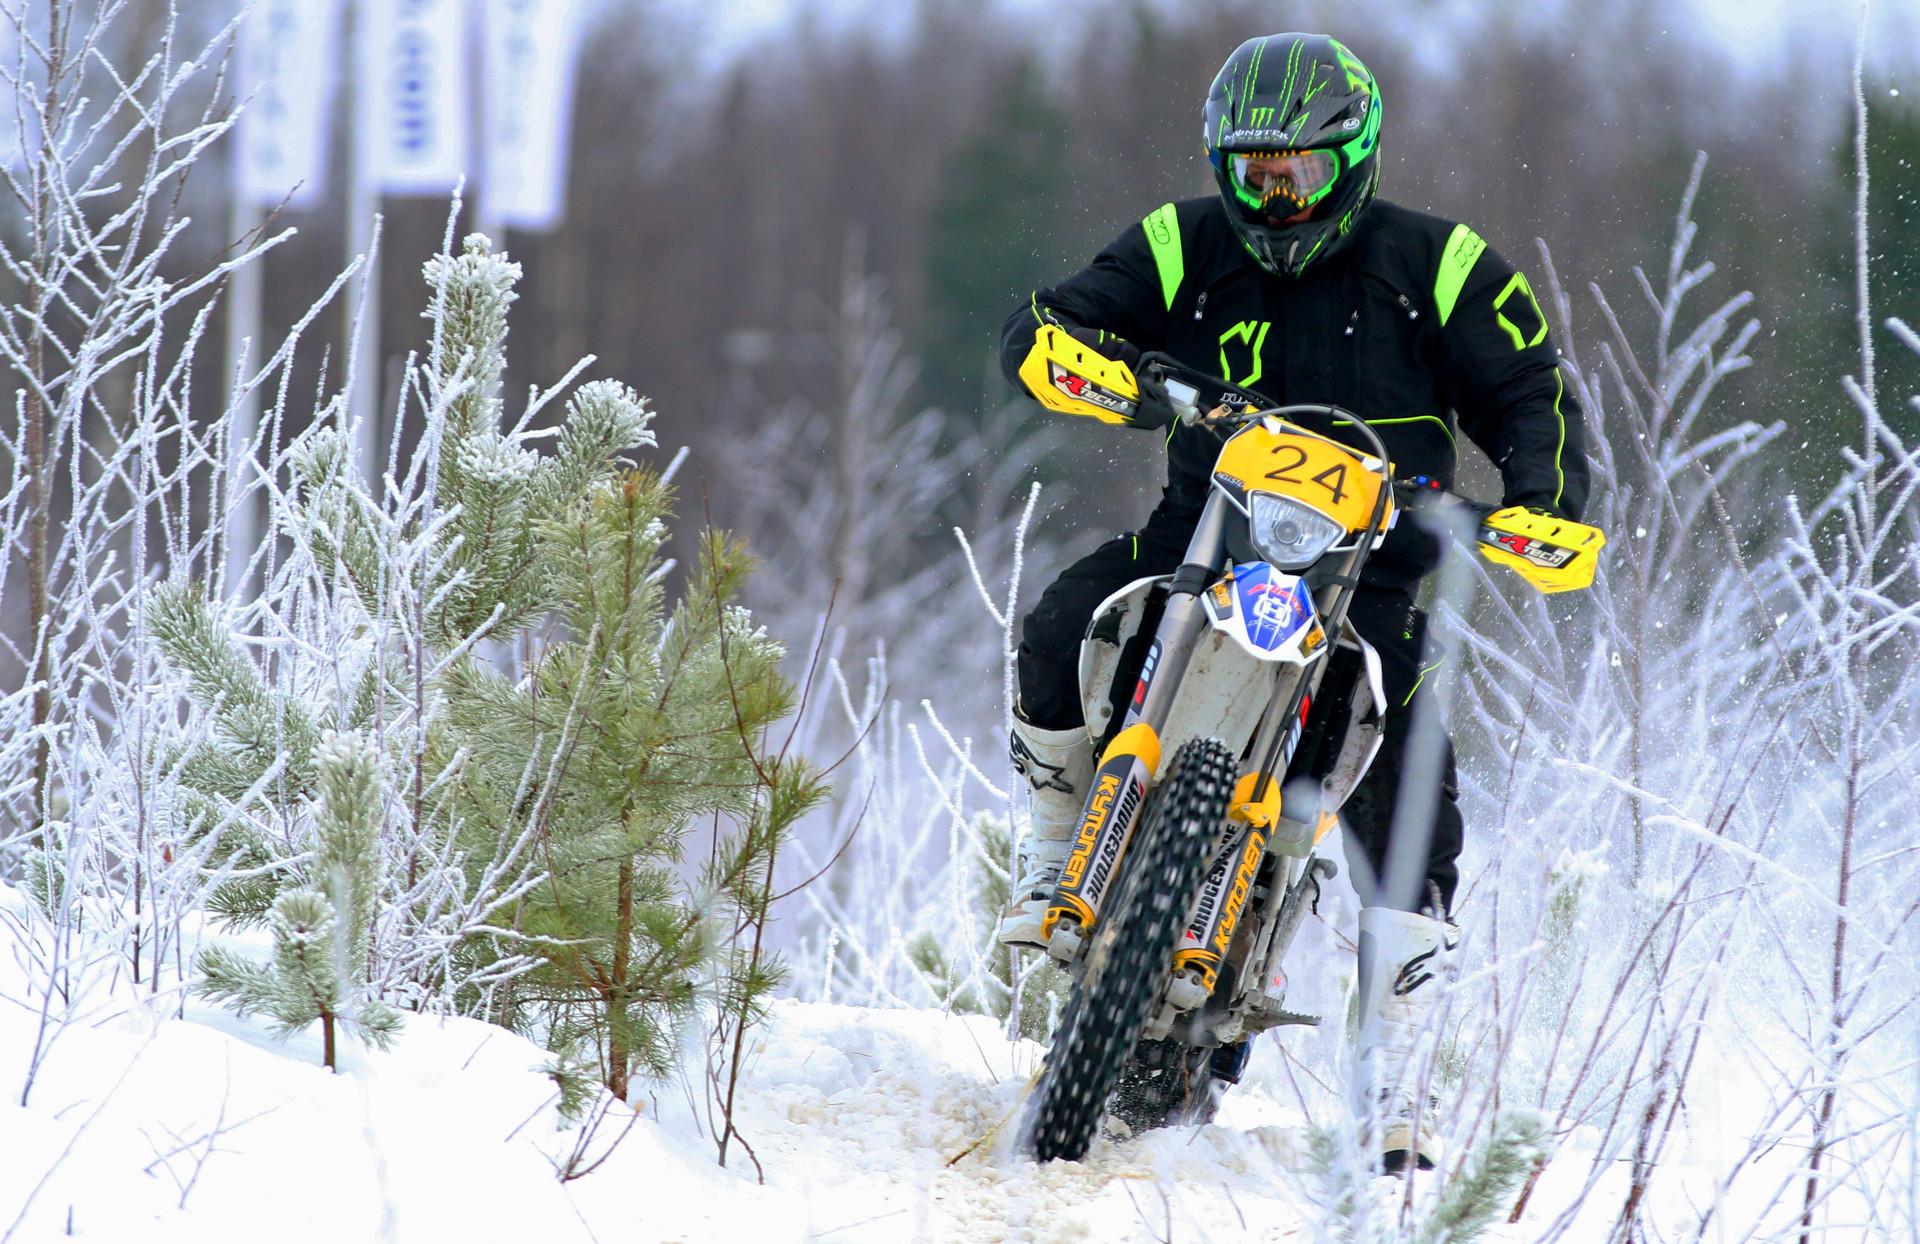 Antti Hellsten